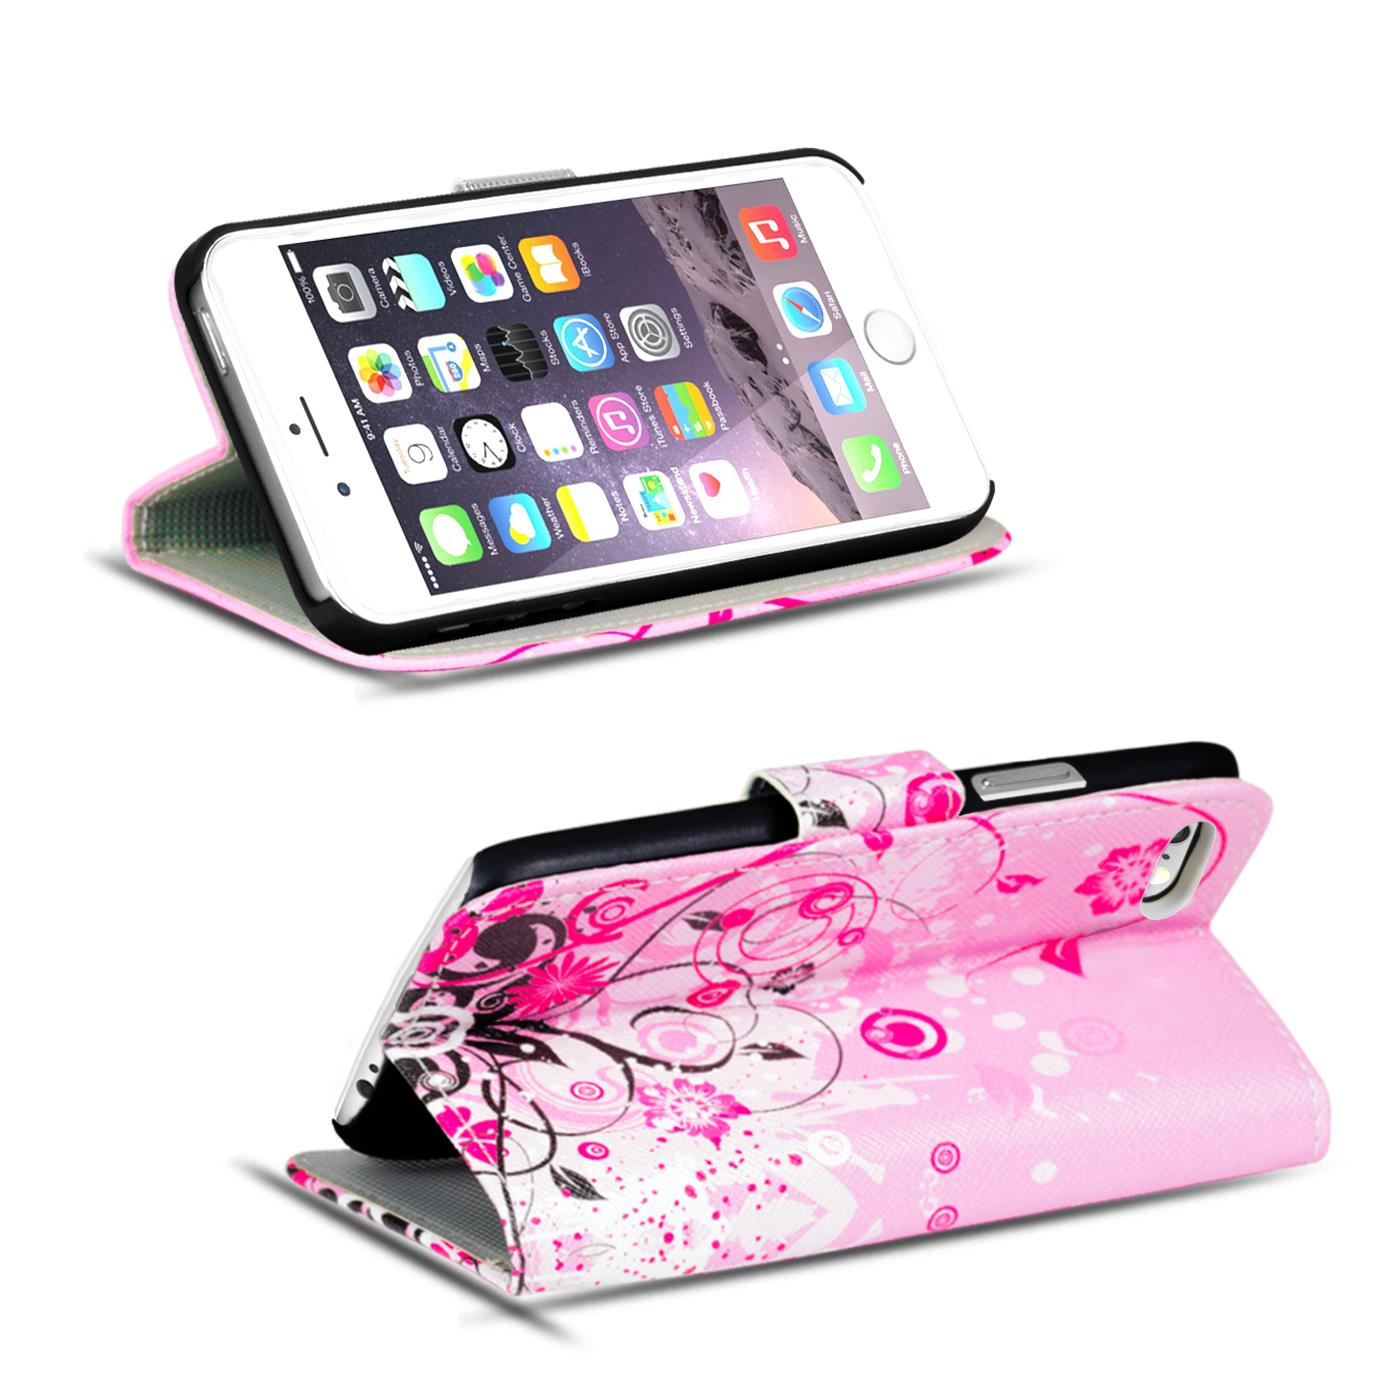 Handy-Huelle-Apple-iPhone-8-Plus-Flip-Cover-Case-Schutz-Tasche-Etui-Motiv-Wallet Indexbild 9